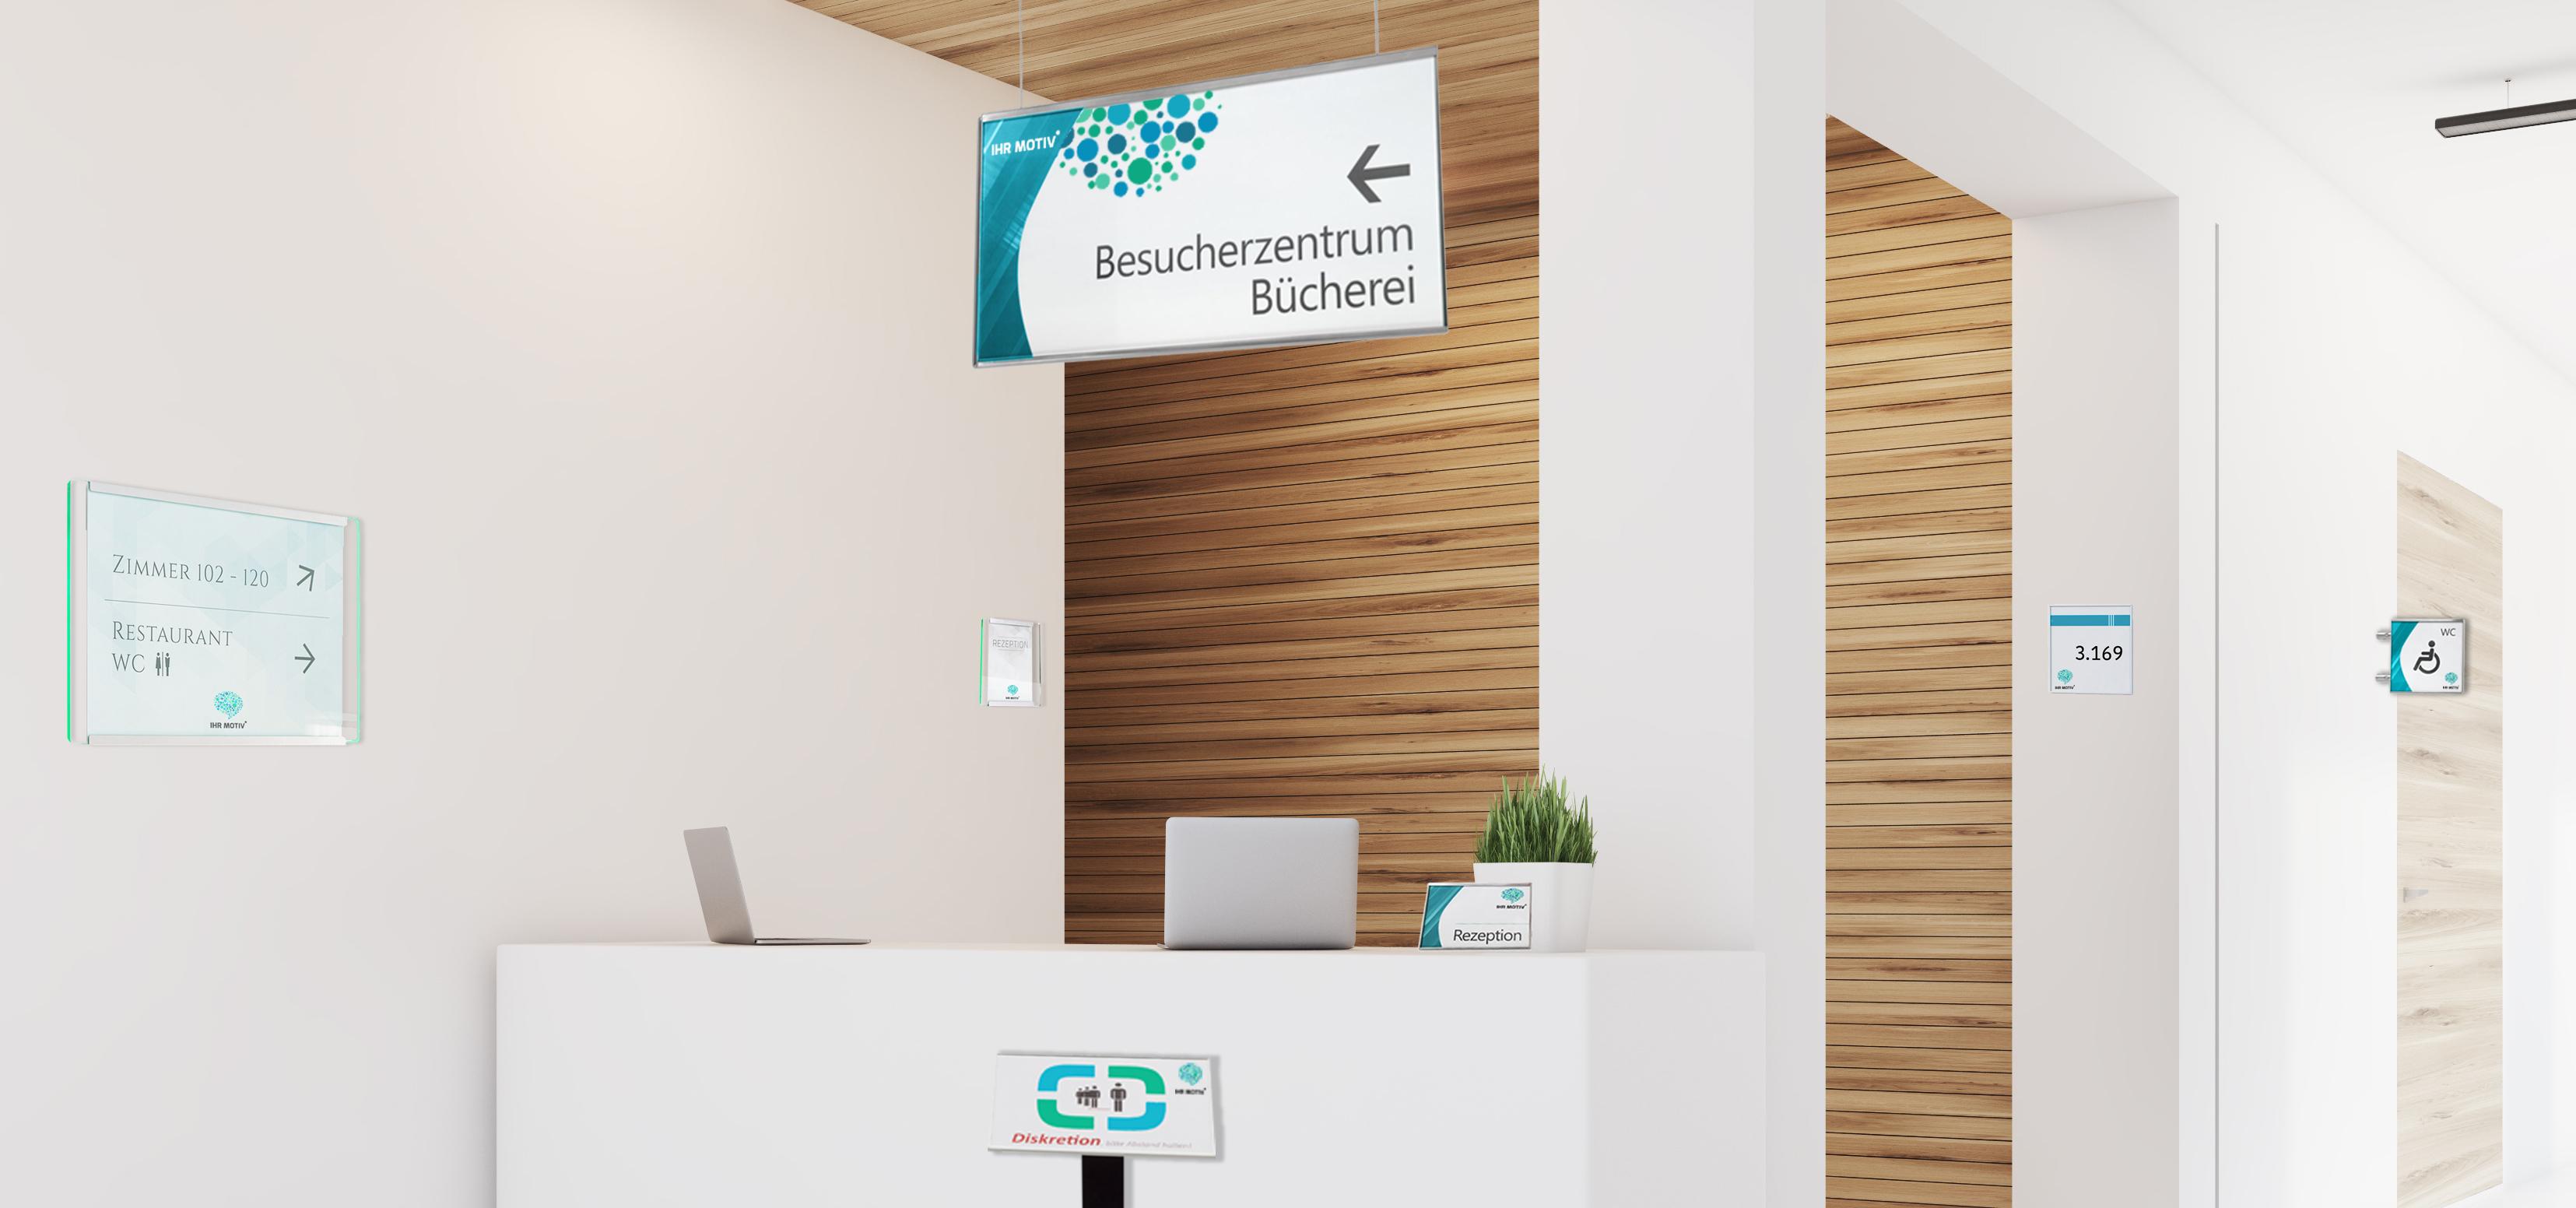 headerbild-slider-produktwelt-leitsysteme-orientierungssysteme-schilder-absperrung